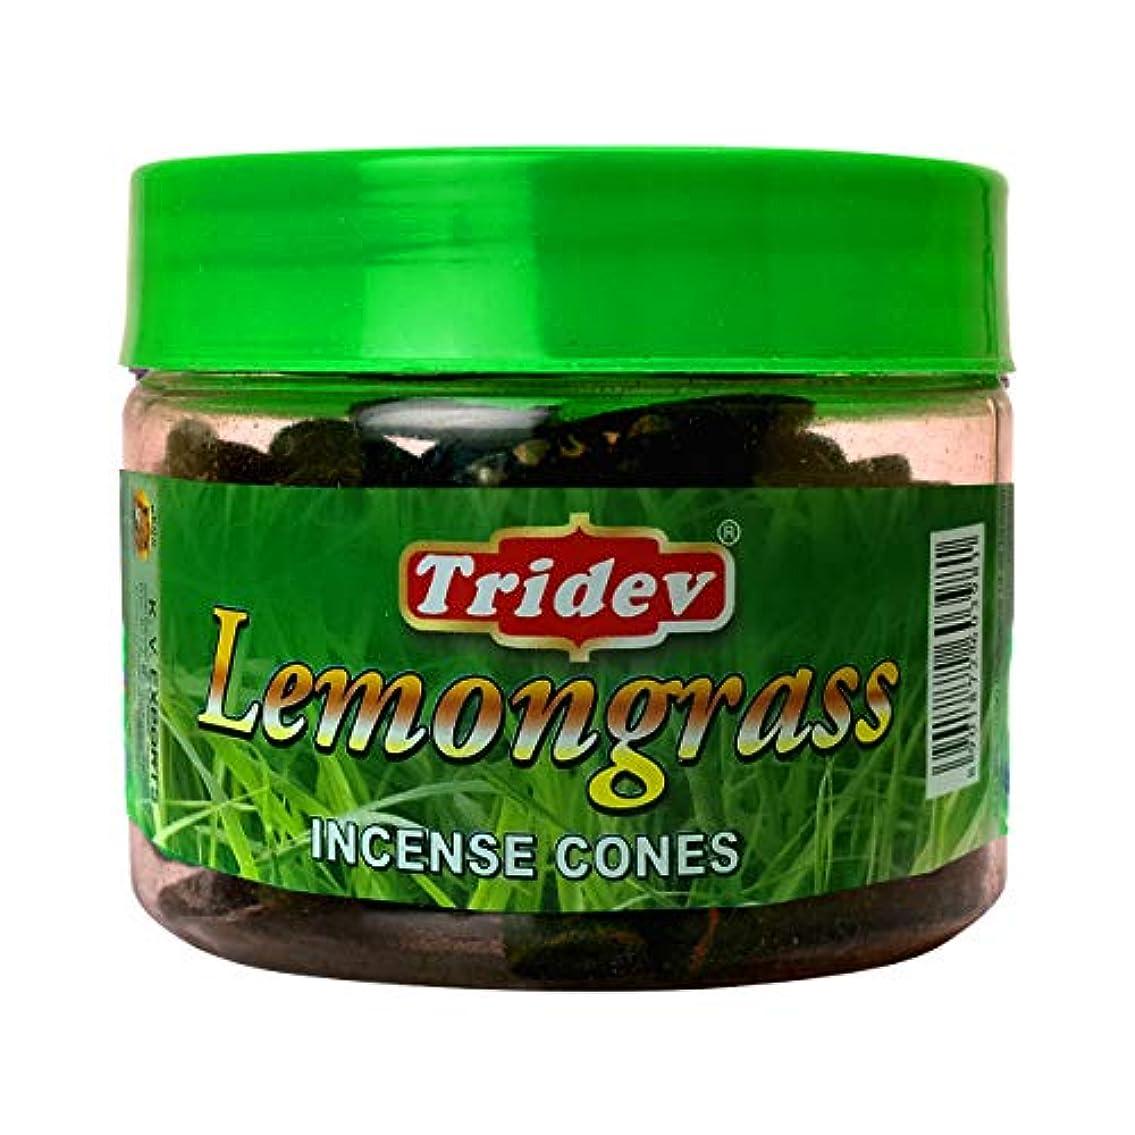 反対したジレンマ抵抗Tridev レモングラスフレグランス コーン型お香瓶 1080グラム ボックス入り 12個入り 輸出品質